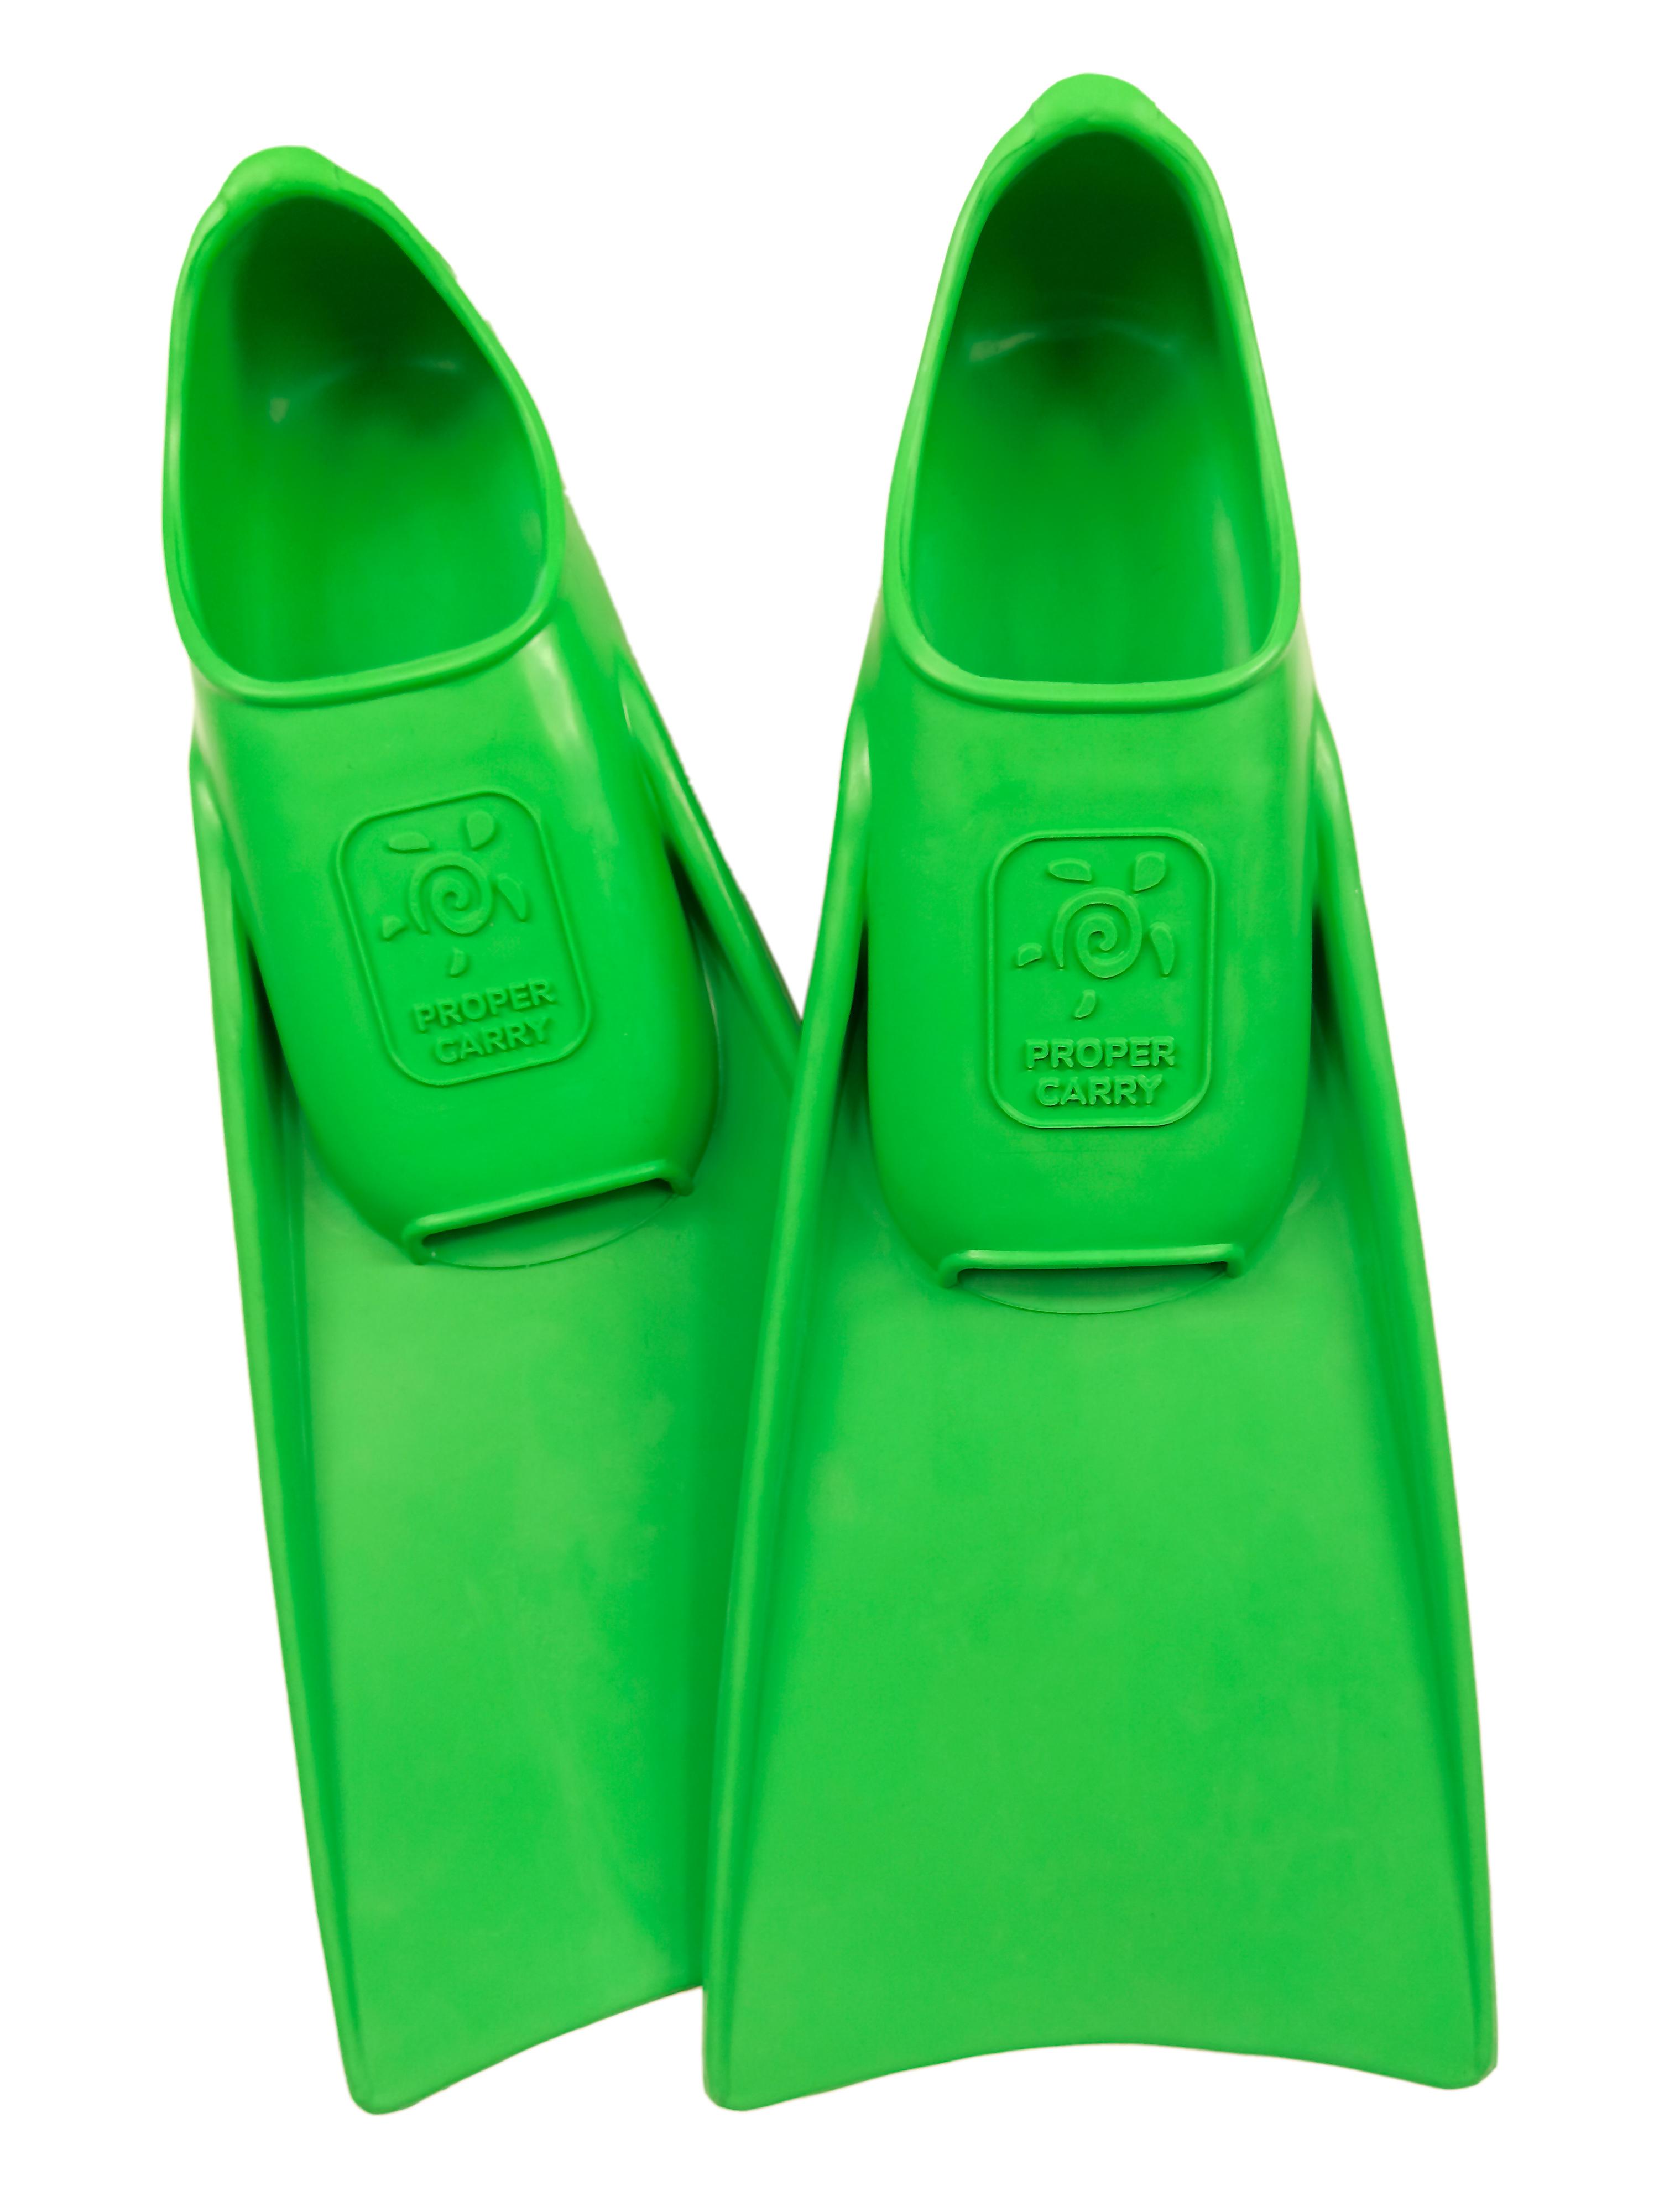 Детские ласты для плавания Proper Carry Super Elastic размер 21-22, 23-24, 25-26, 27-28, 29-30, - фото 2